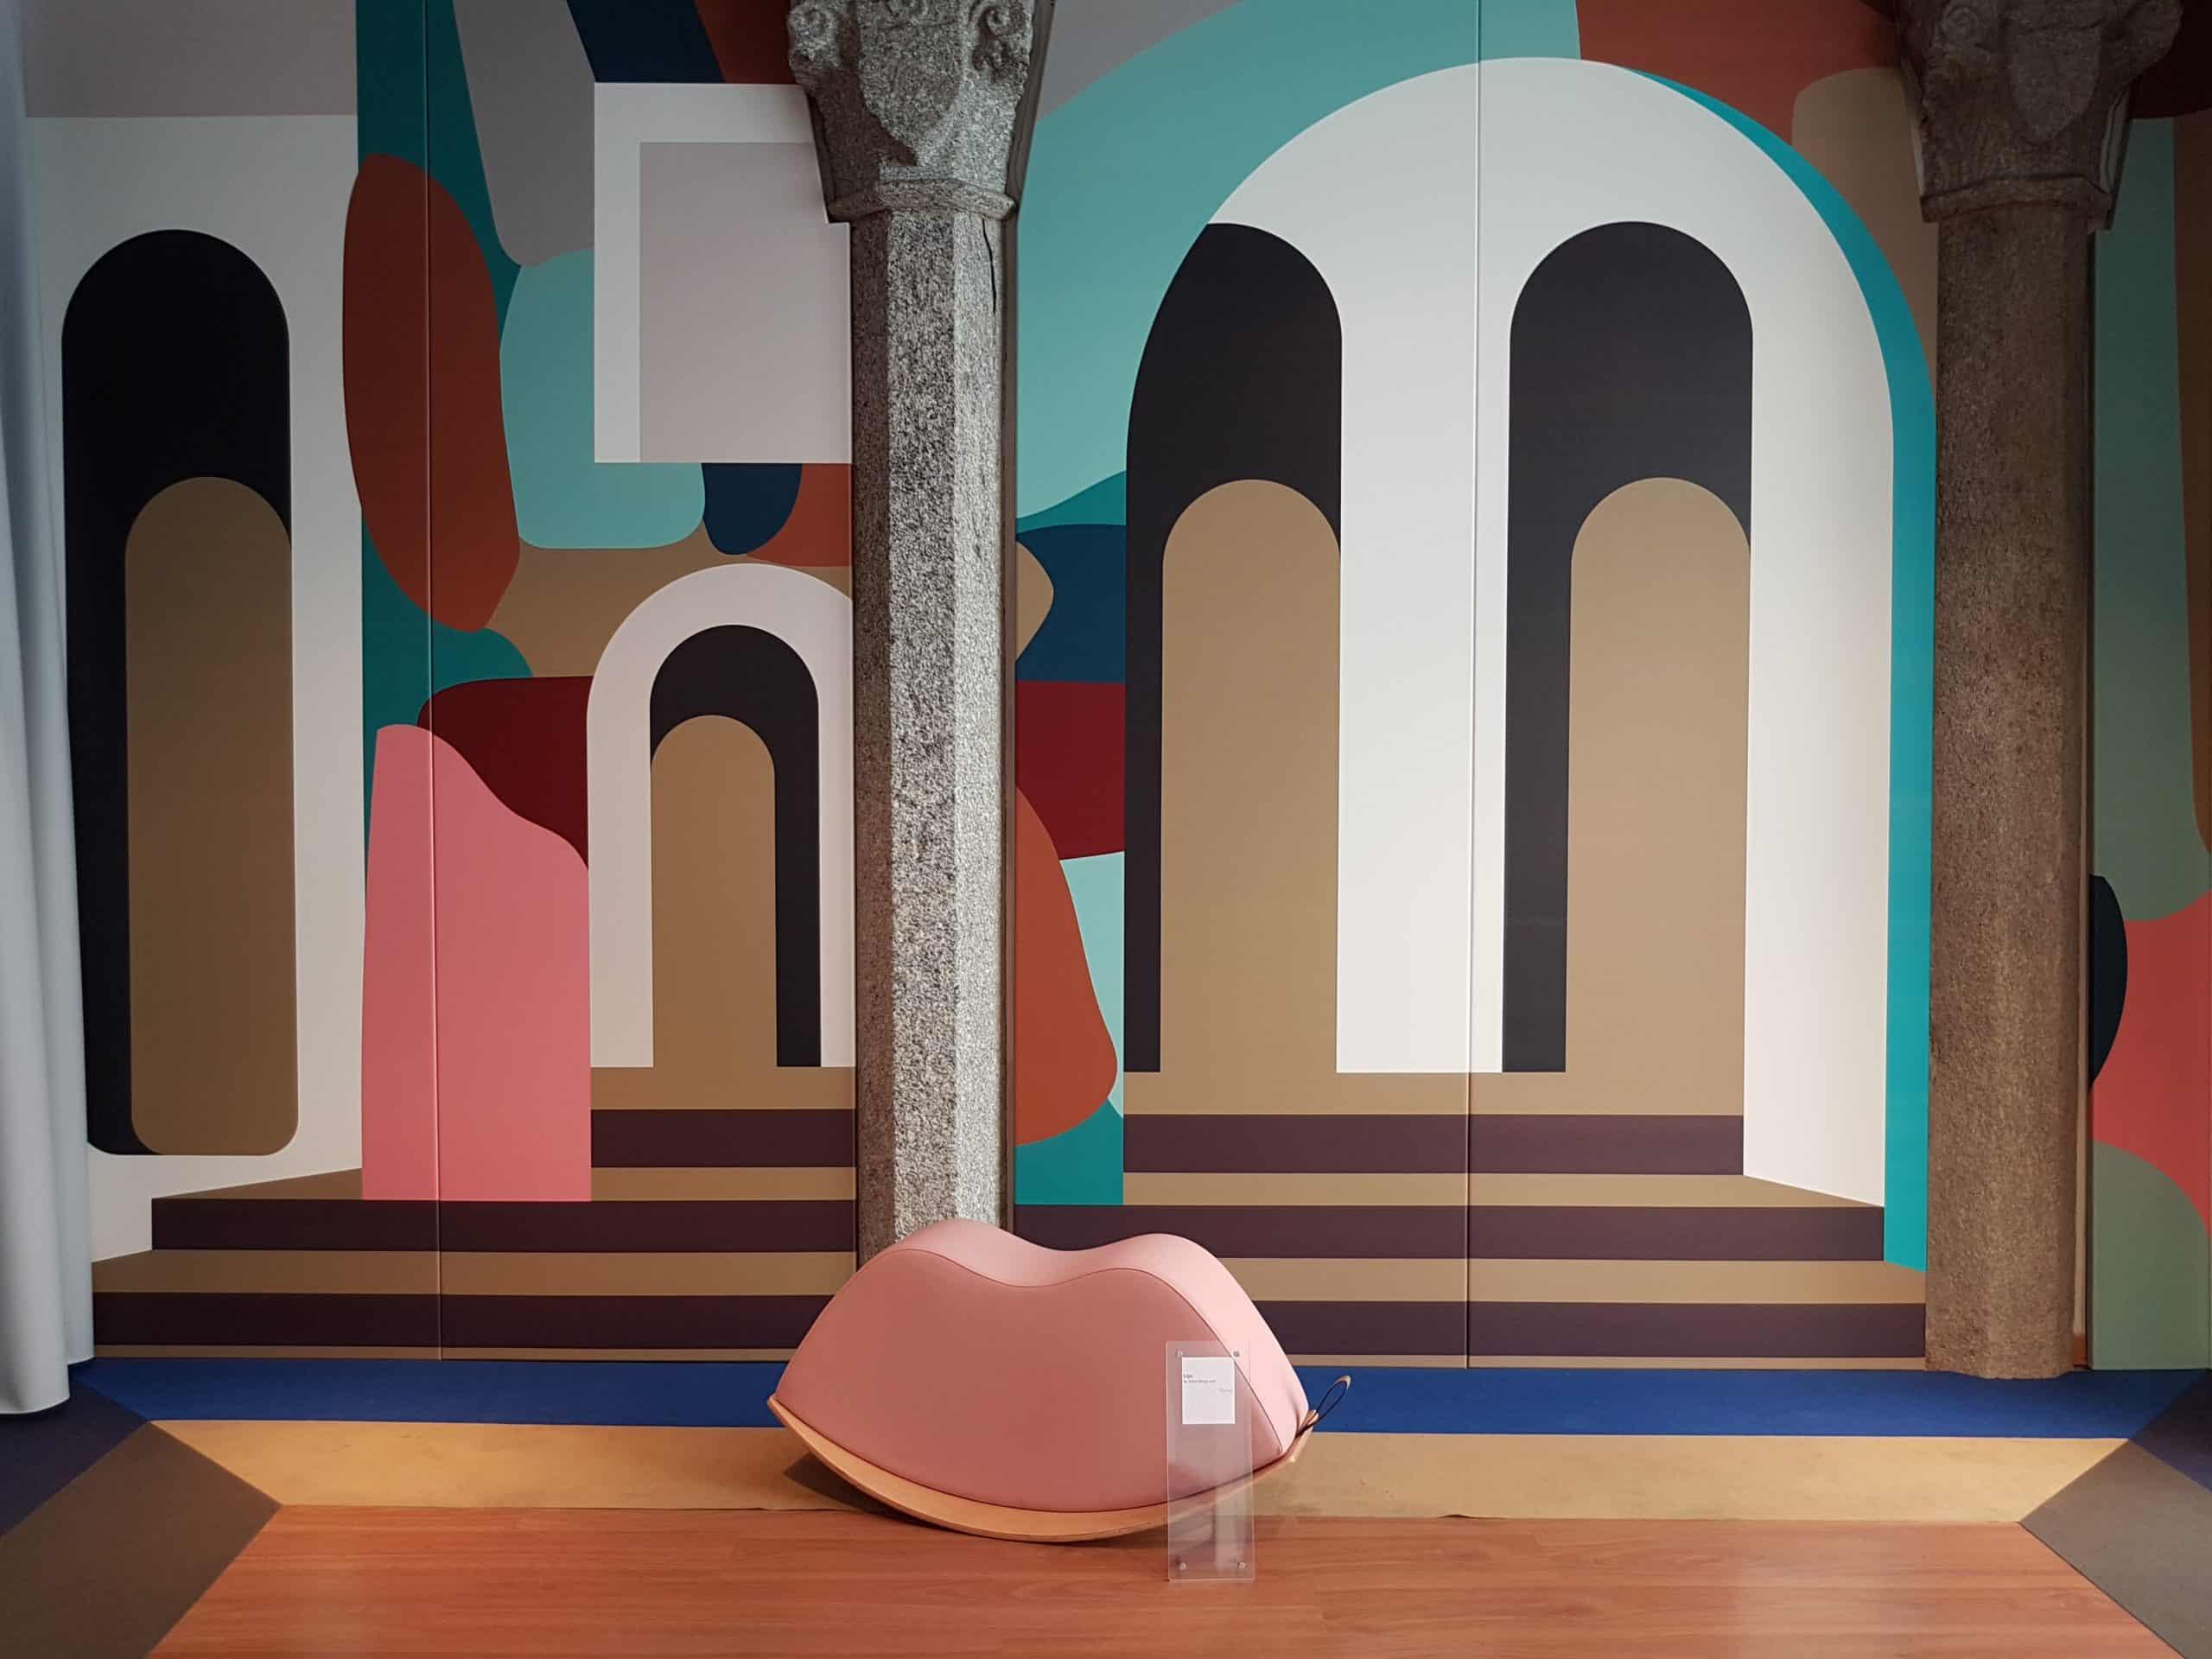 La toile Stamskin de Serge Ferrari mise en scène par le duo GGSV dans le quartier 5vie.